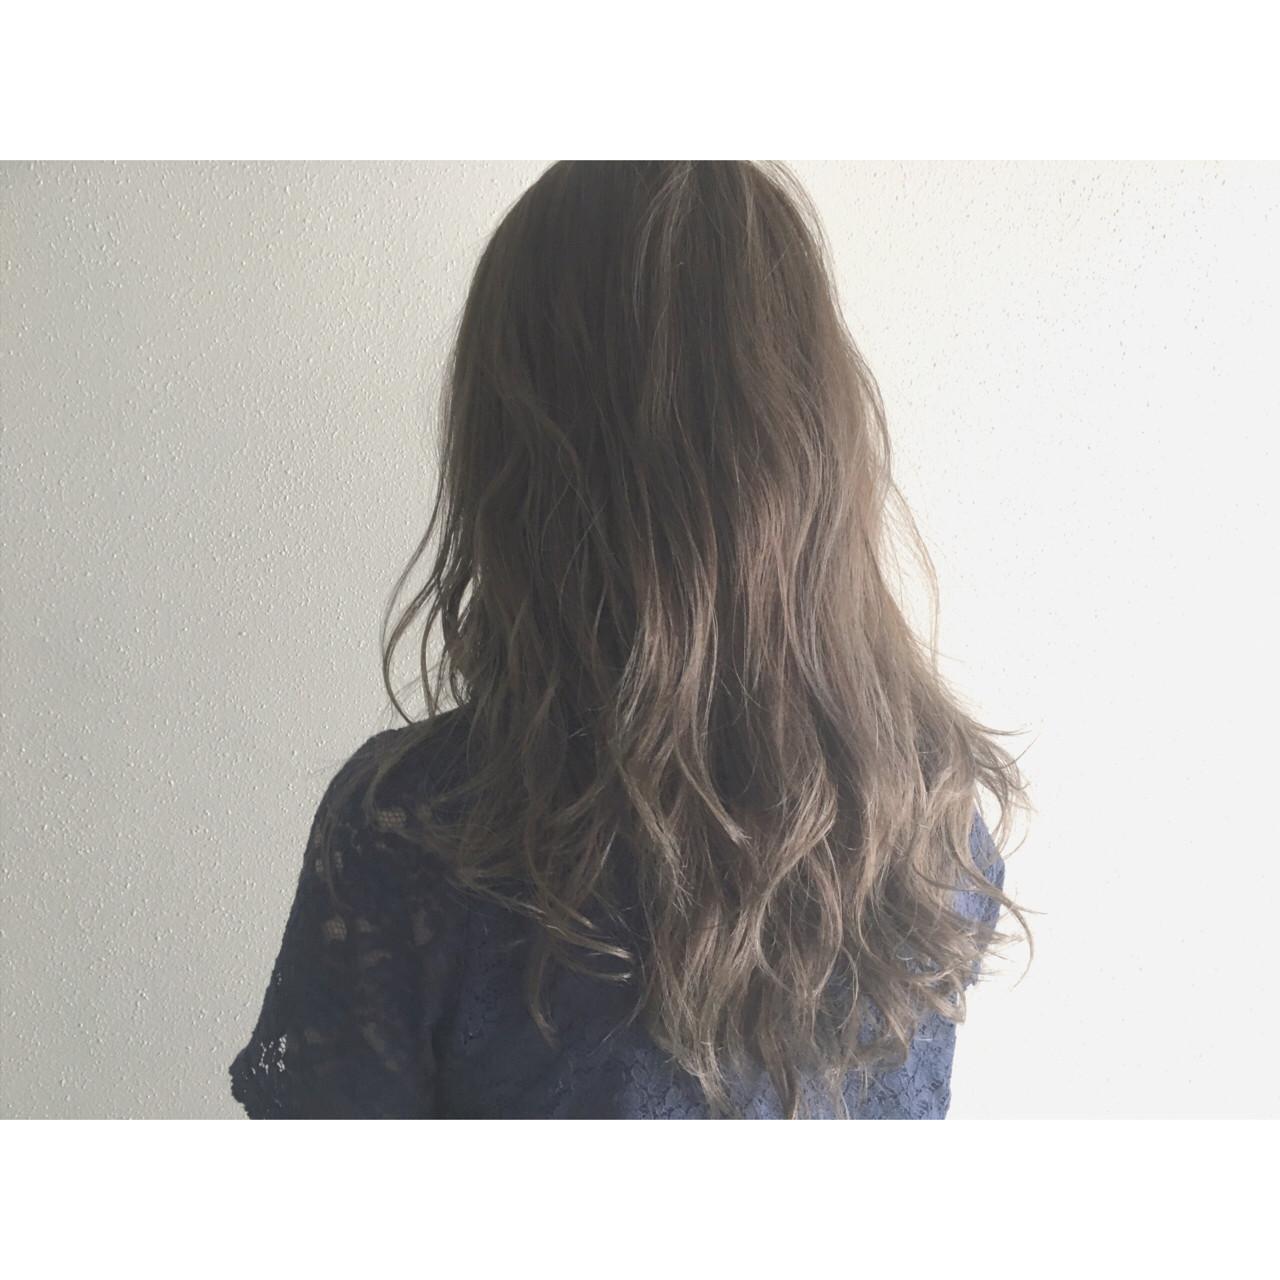 ゆるふわ グレージュ アッシュ セミロングヘアスタイルや髪型の写真・画像